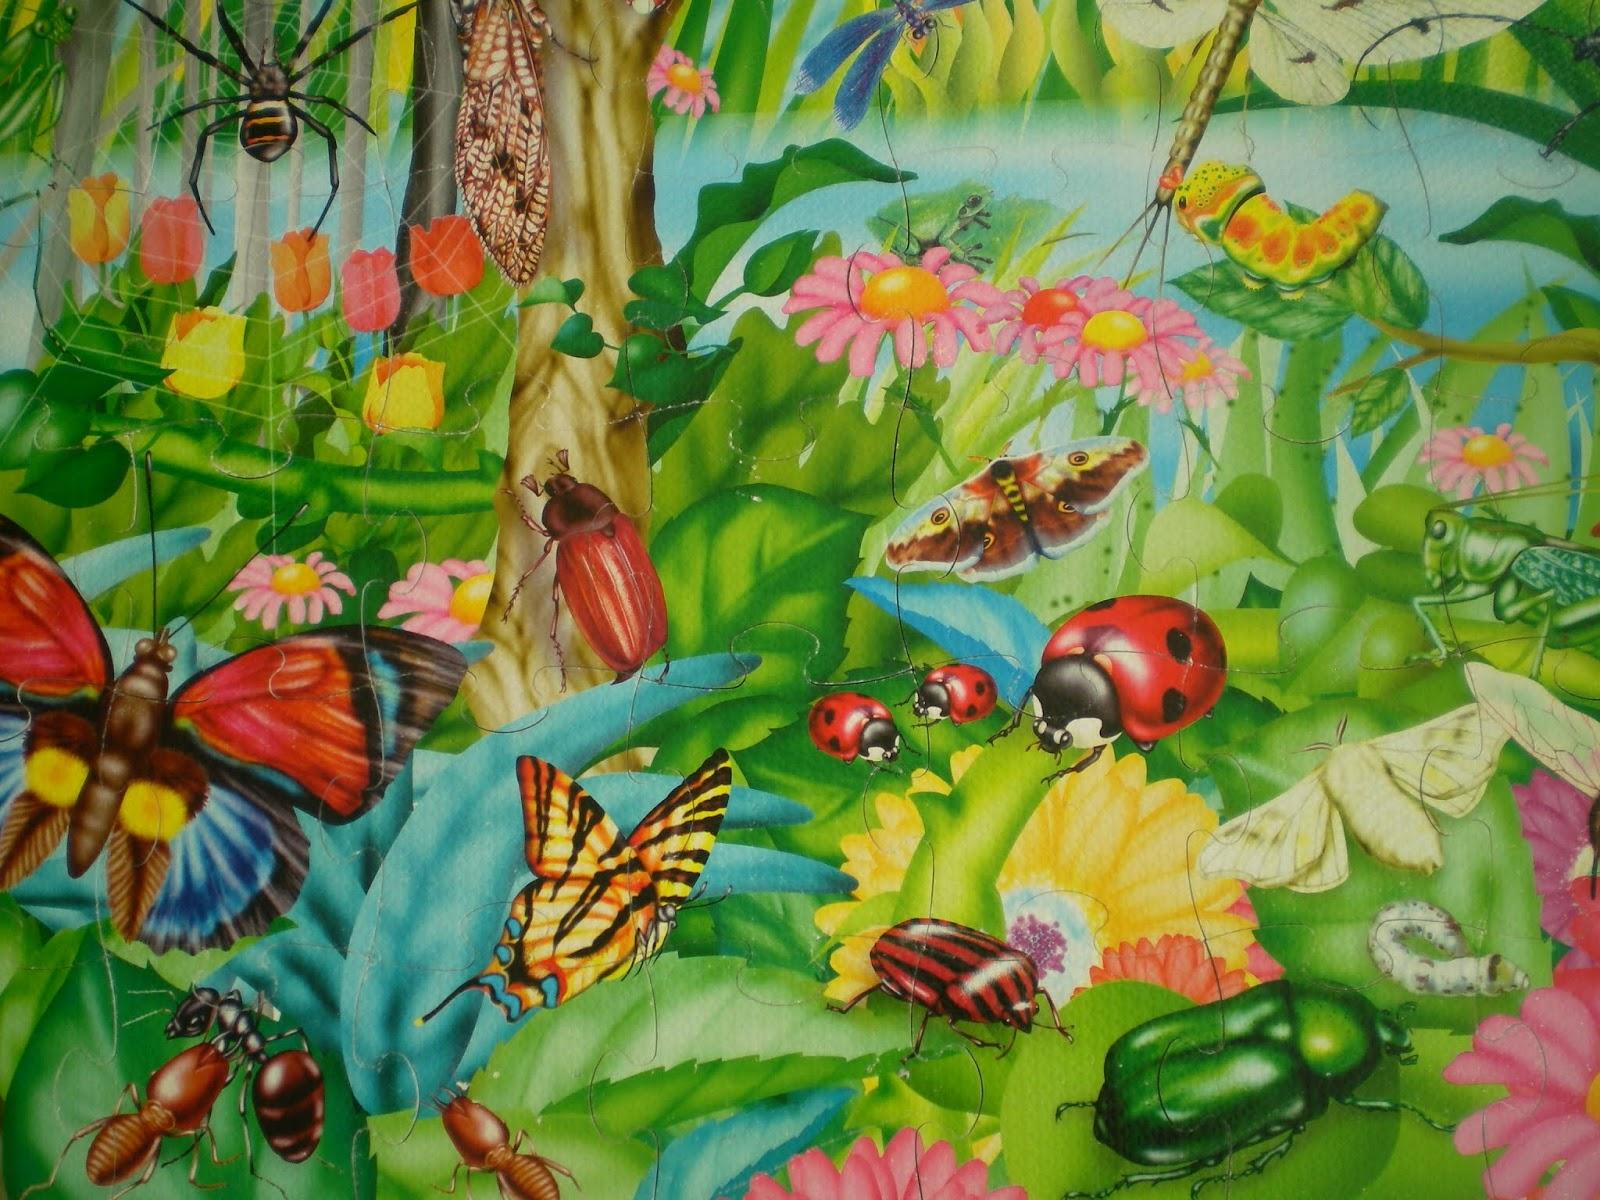 картинка сада с насекомыми предлагают устроить самосуд